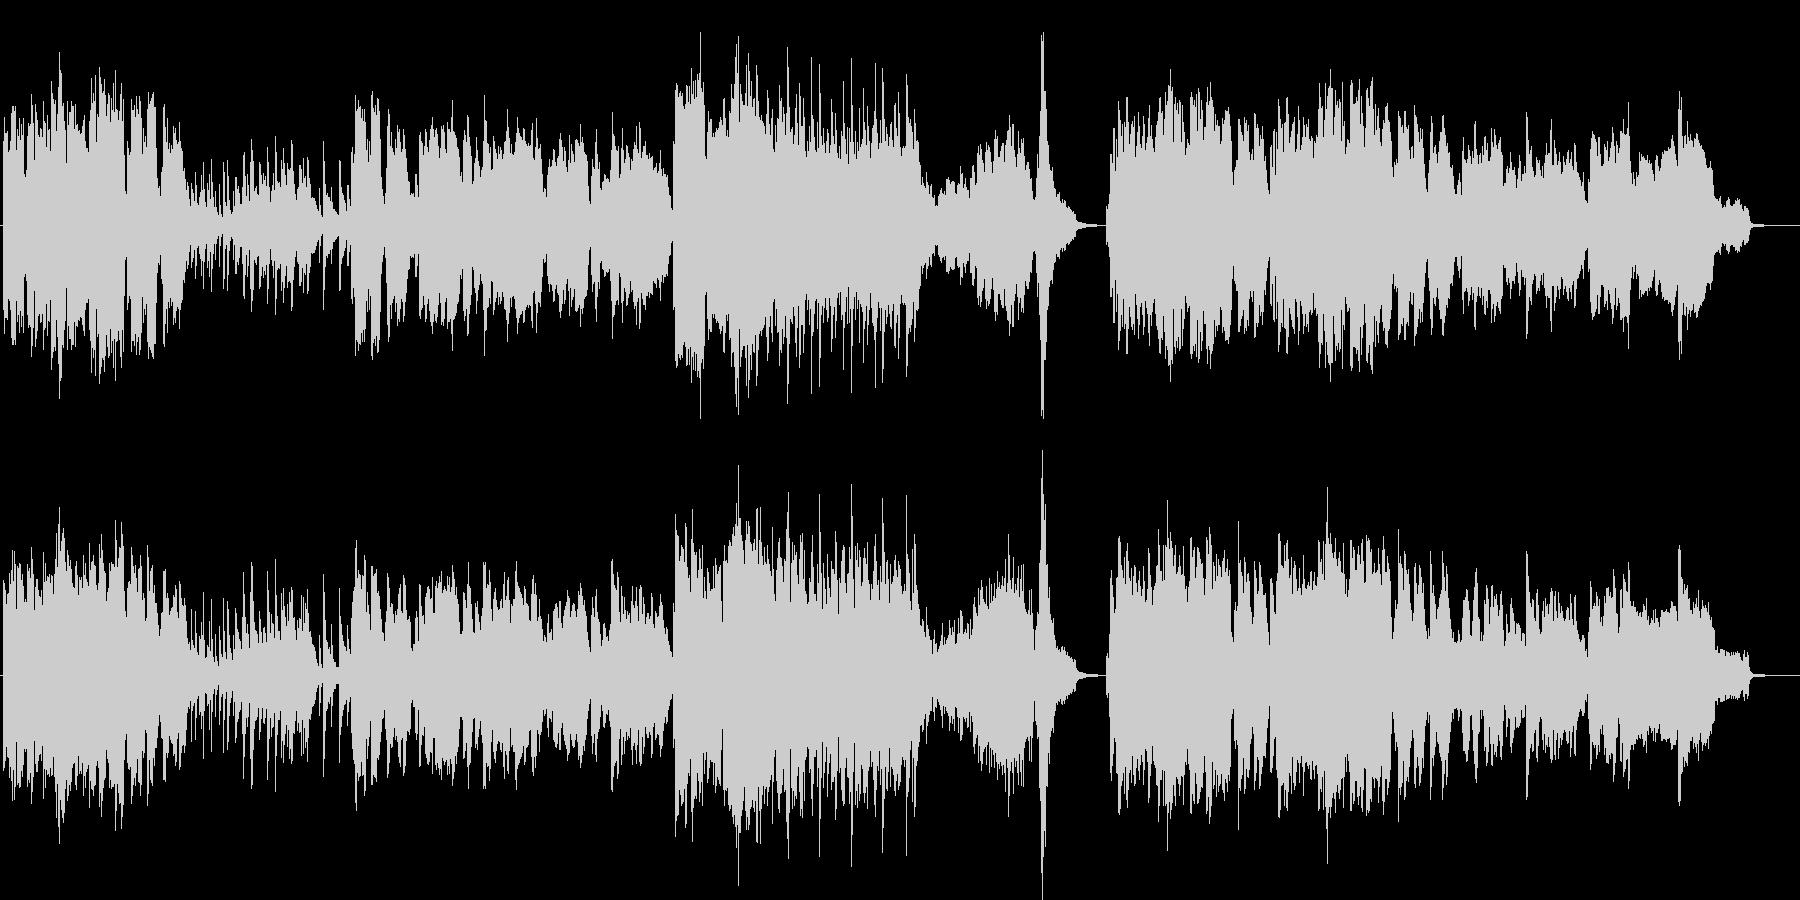 ドラマの感動的なシーンで流れるピアノ曲…の未再生の波形